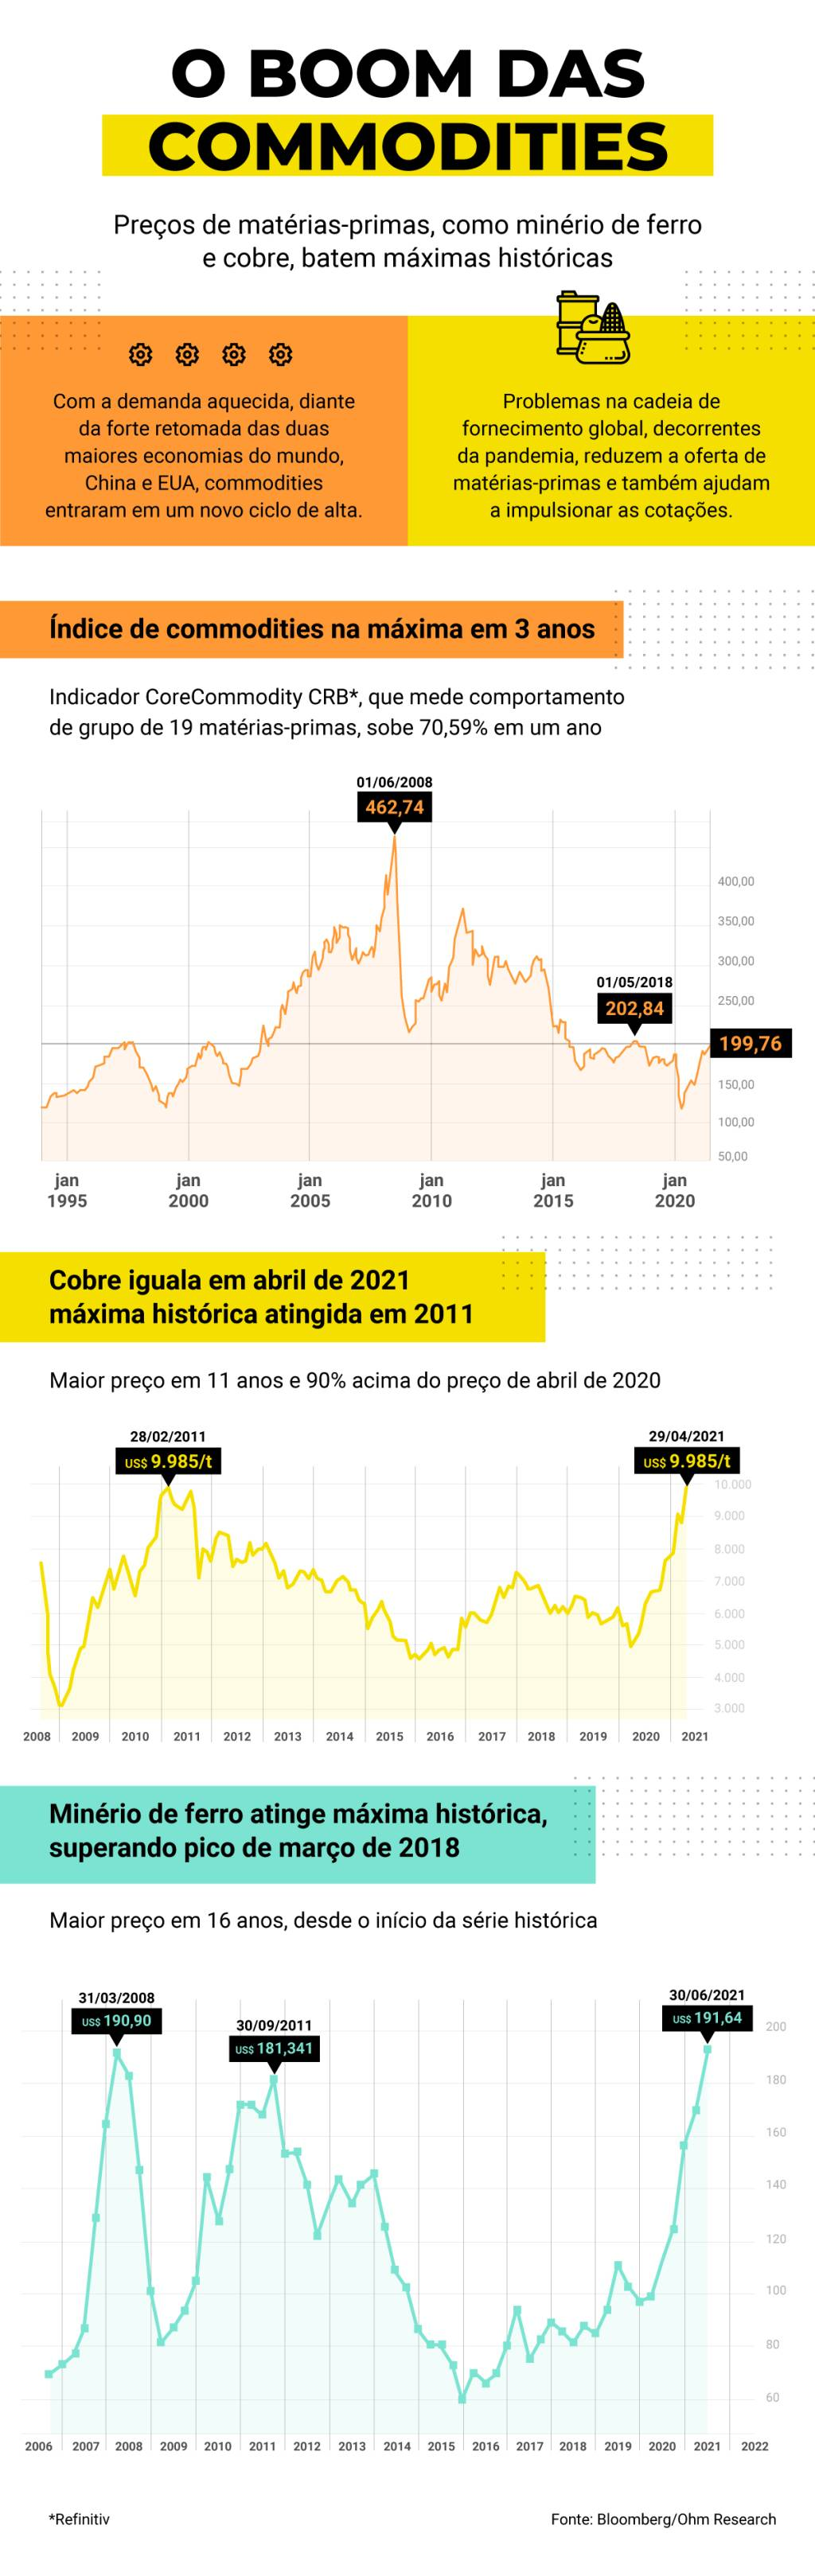 Gráficos com máximas históricas do minério de ferro, cobre e commodities em 2021